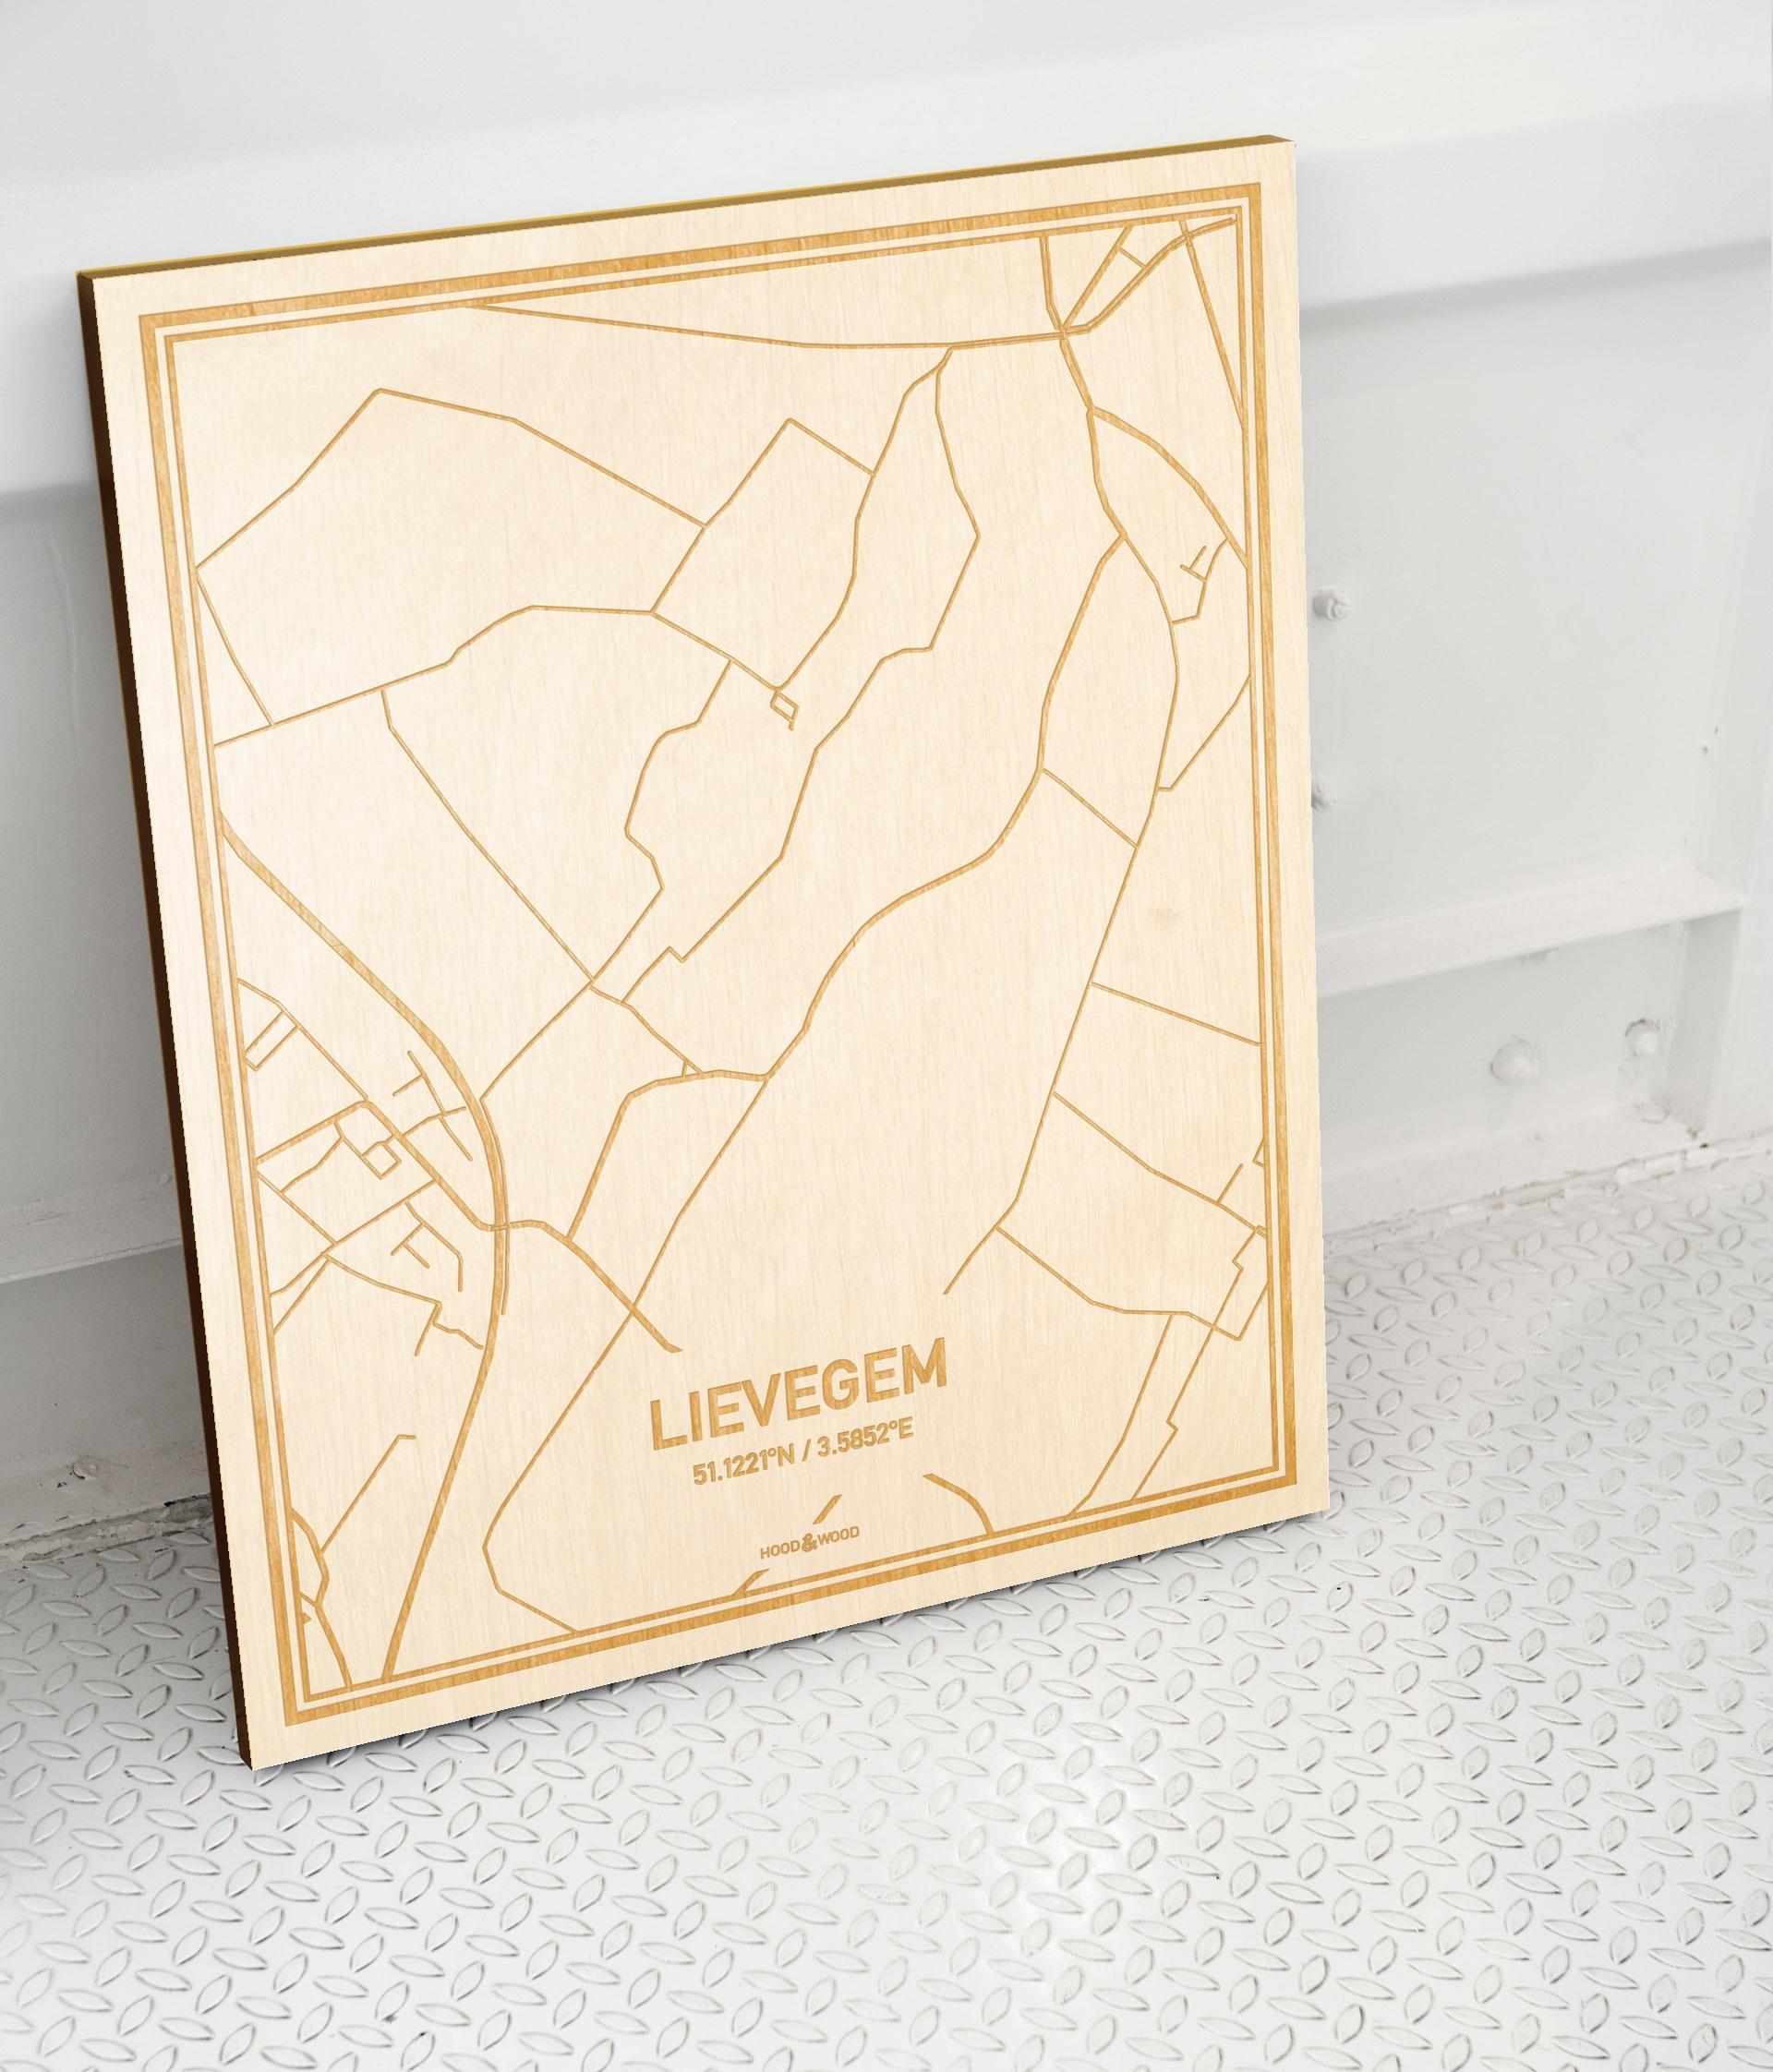 Plattegrond Lievegem als prachtige houten wanddecoratie. Het warme hout contrasteert mooi met de witte muur.